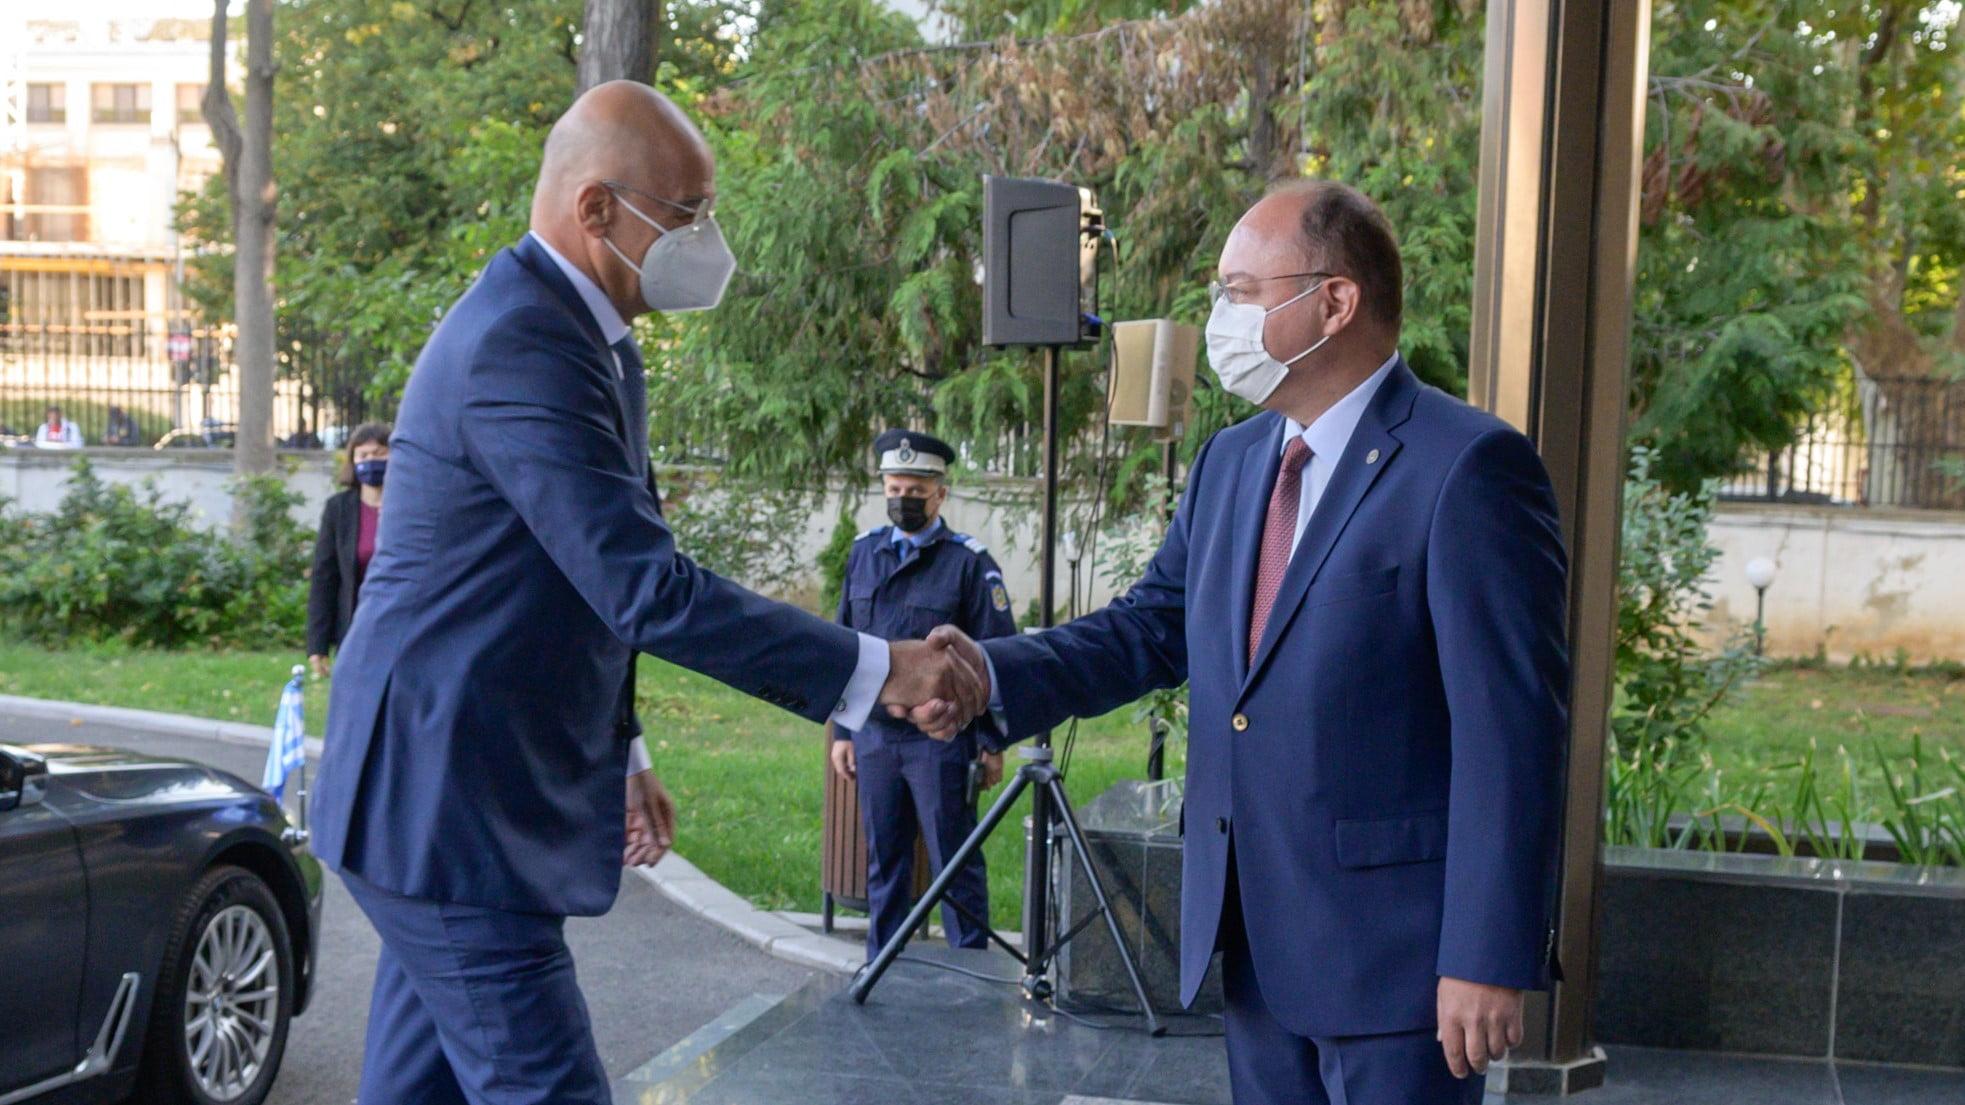 Νίκος Δένδιας από το Βουκουρέστι: Δεν θα επιτρέψουμε την εργαλειοποίηση του μεταναστευτικού